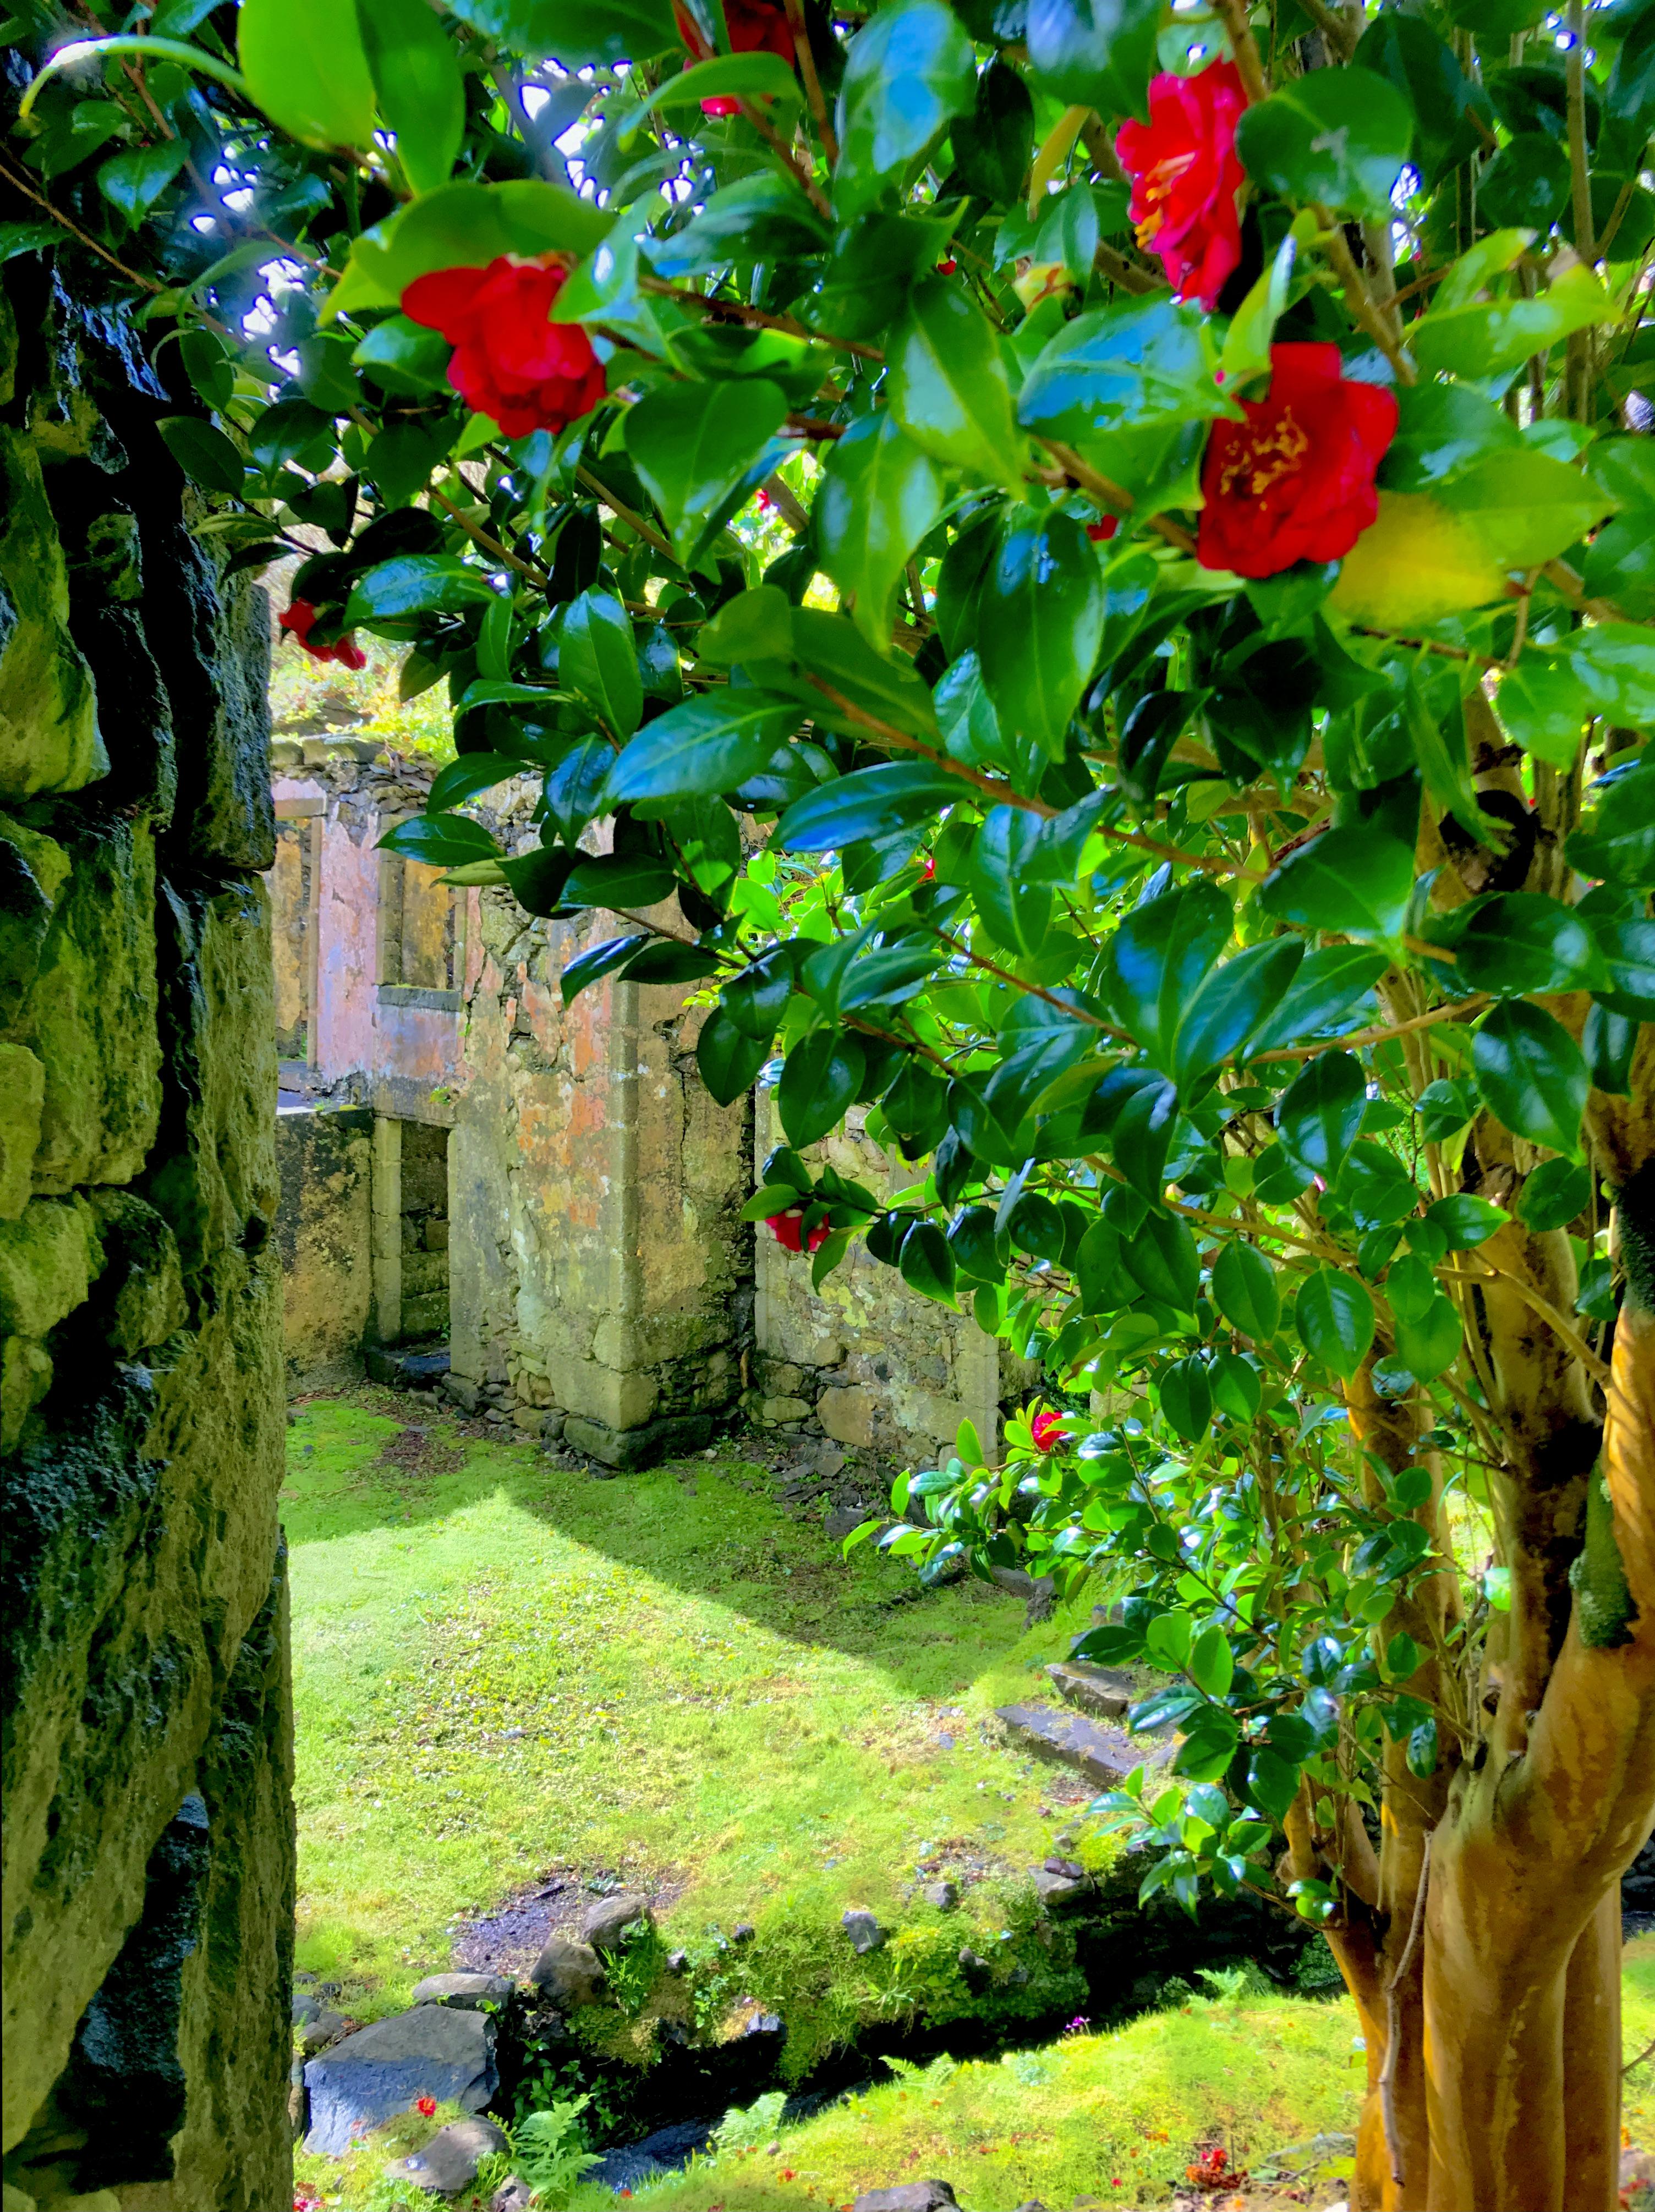 Casa dos Figos Maduros and Casa do Verde after the rain through camellia